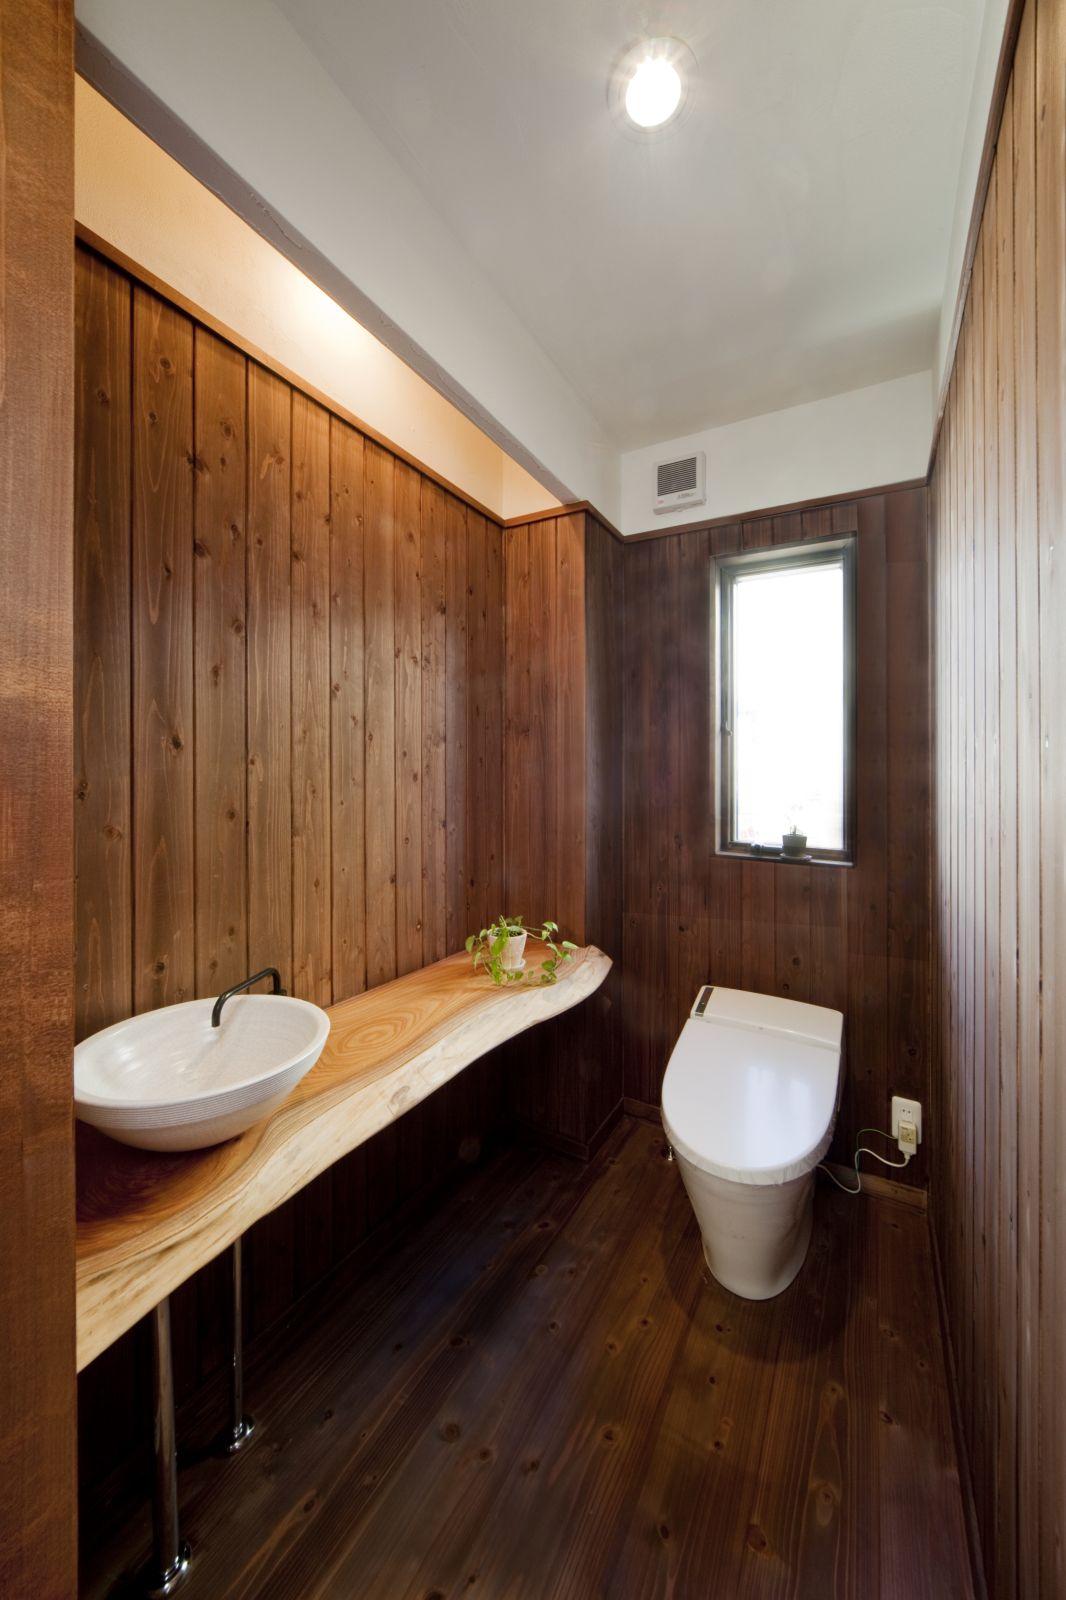 和の雰囲気を感じさせてくれるトイレ